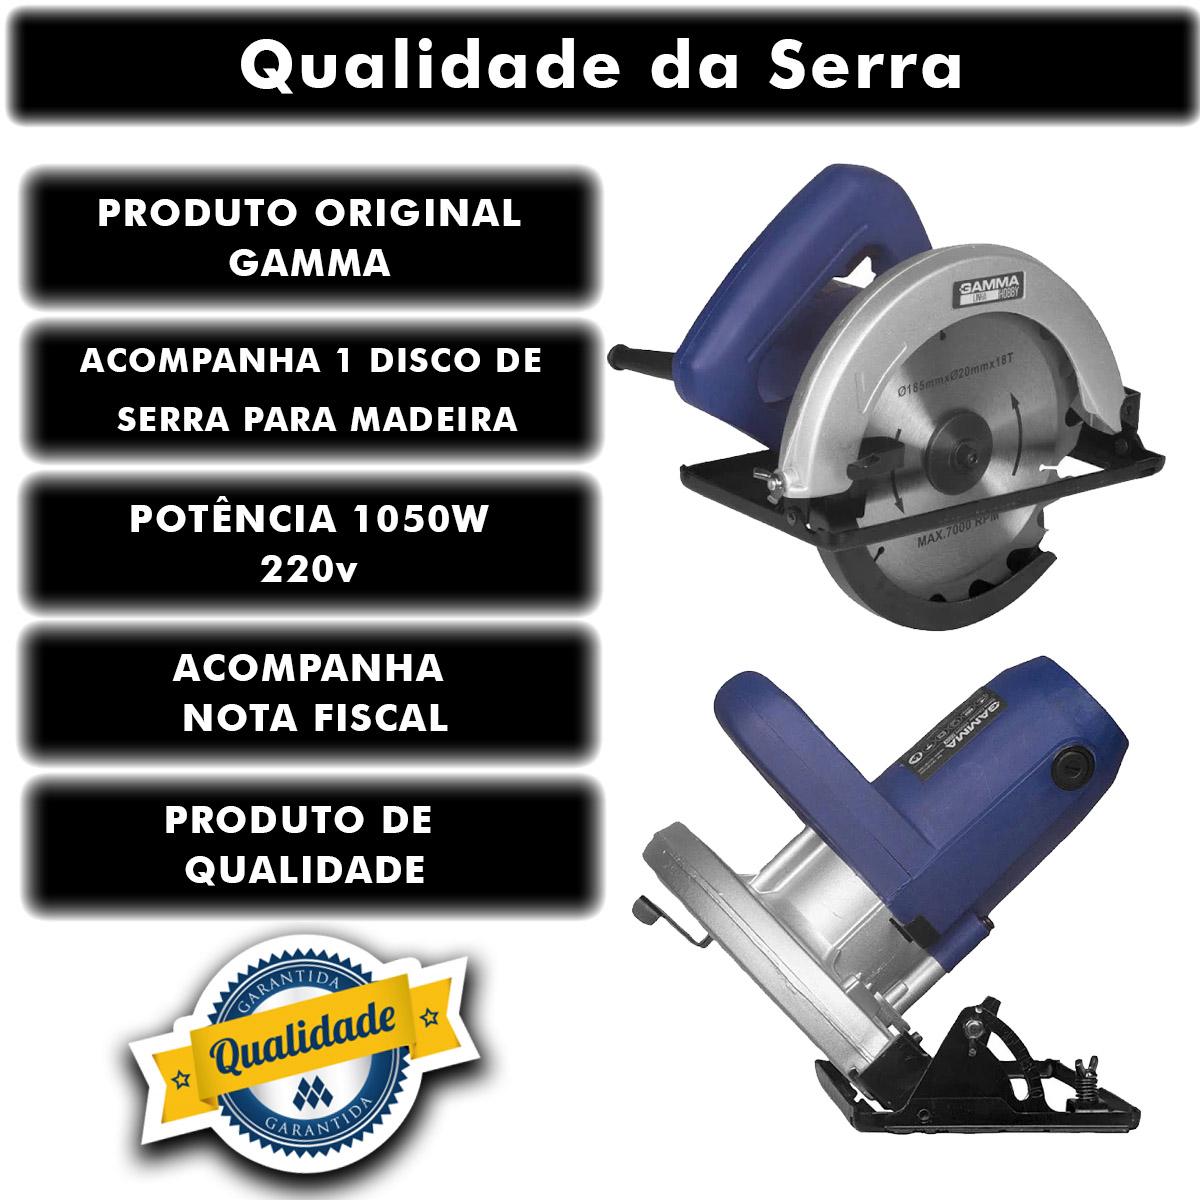 """Serra Circular Gamma Elétrica Hobby 1050 Watts 7.1/4"""" 185mm 220v GH1301/BR1 Poliparts"""